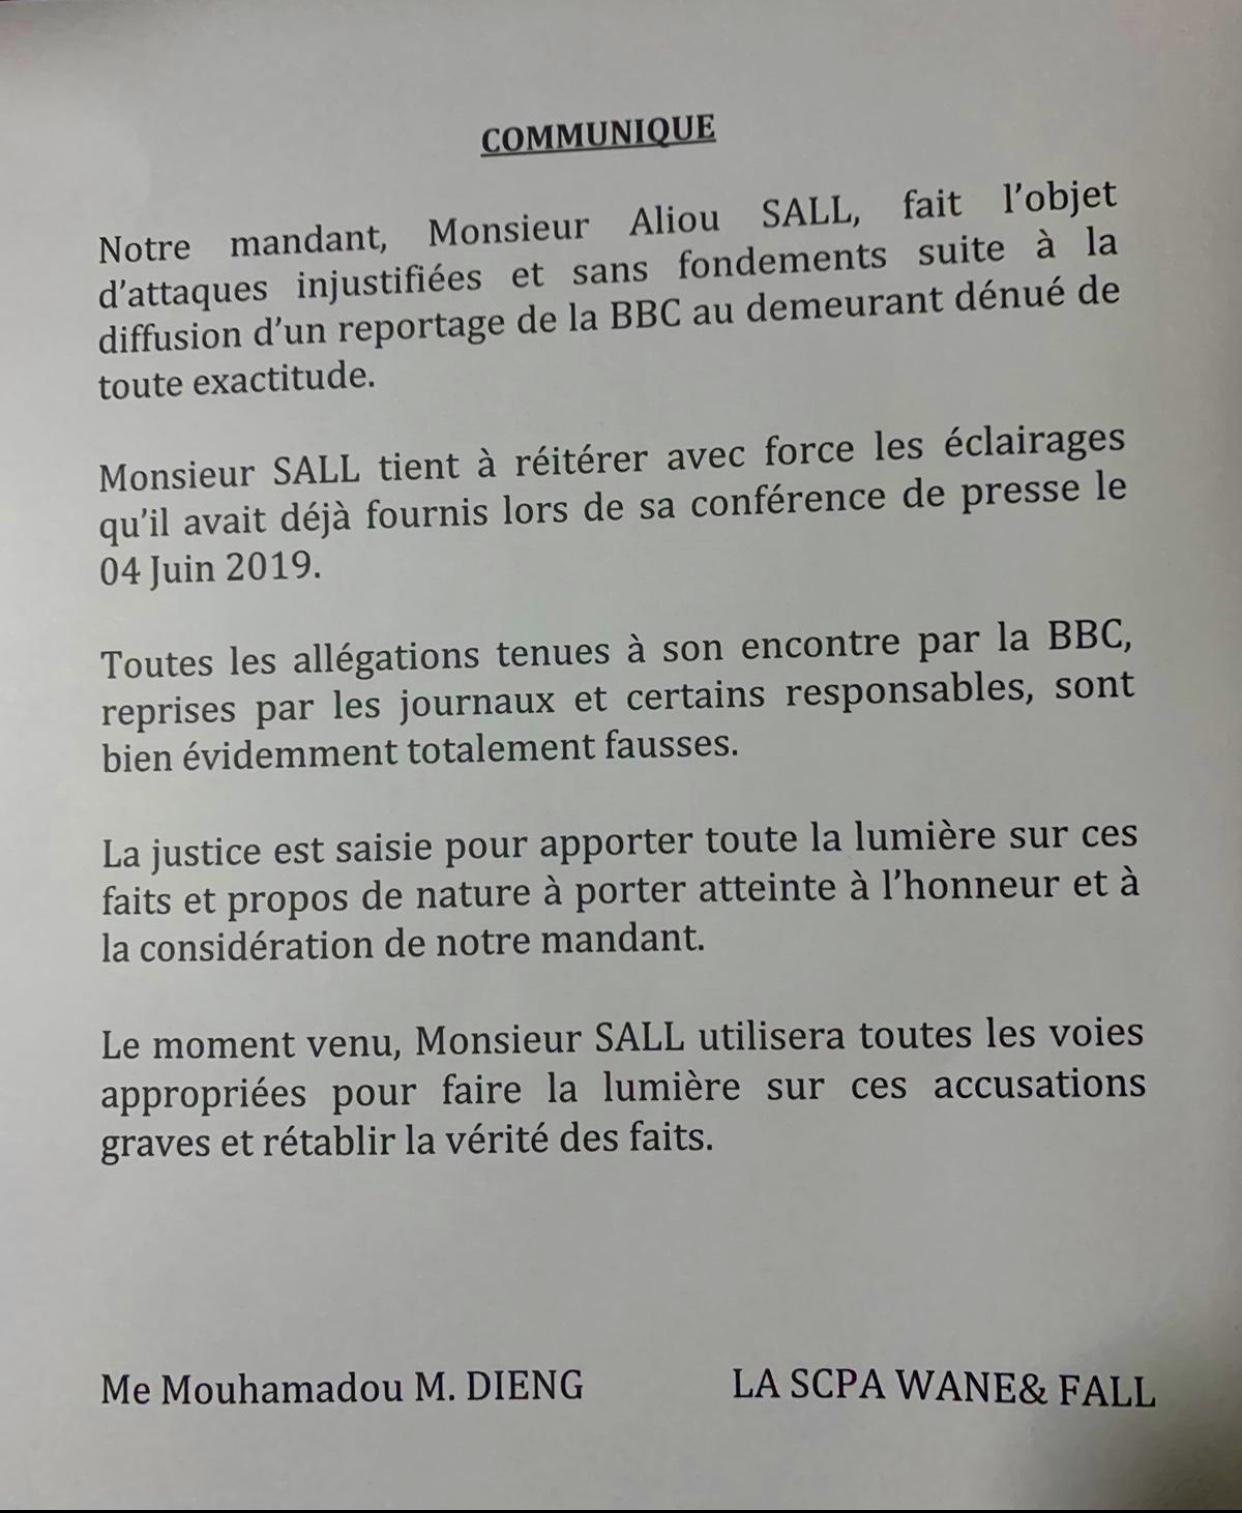 Sortie de El Hadj Hamidou Kassé : Aliou Sall dément et réitère les éclairages de sa conférence de presse (DOCUMENT)